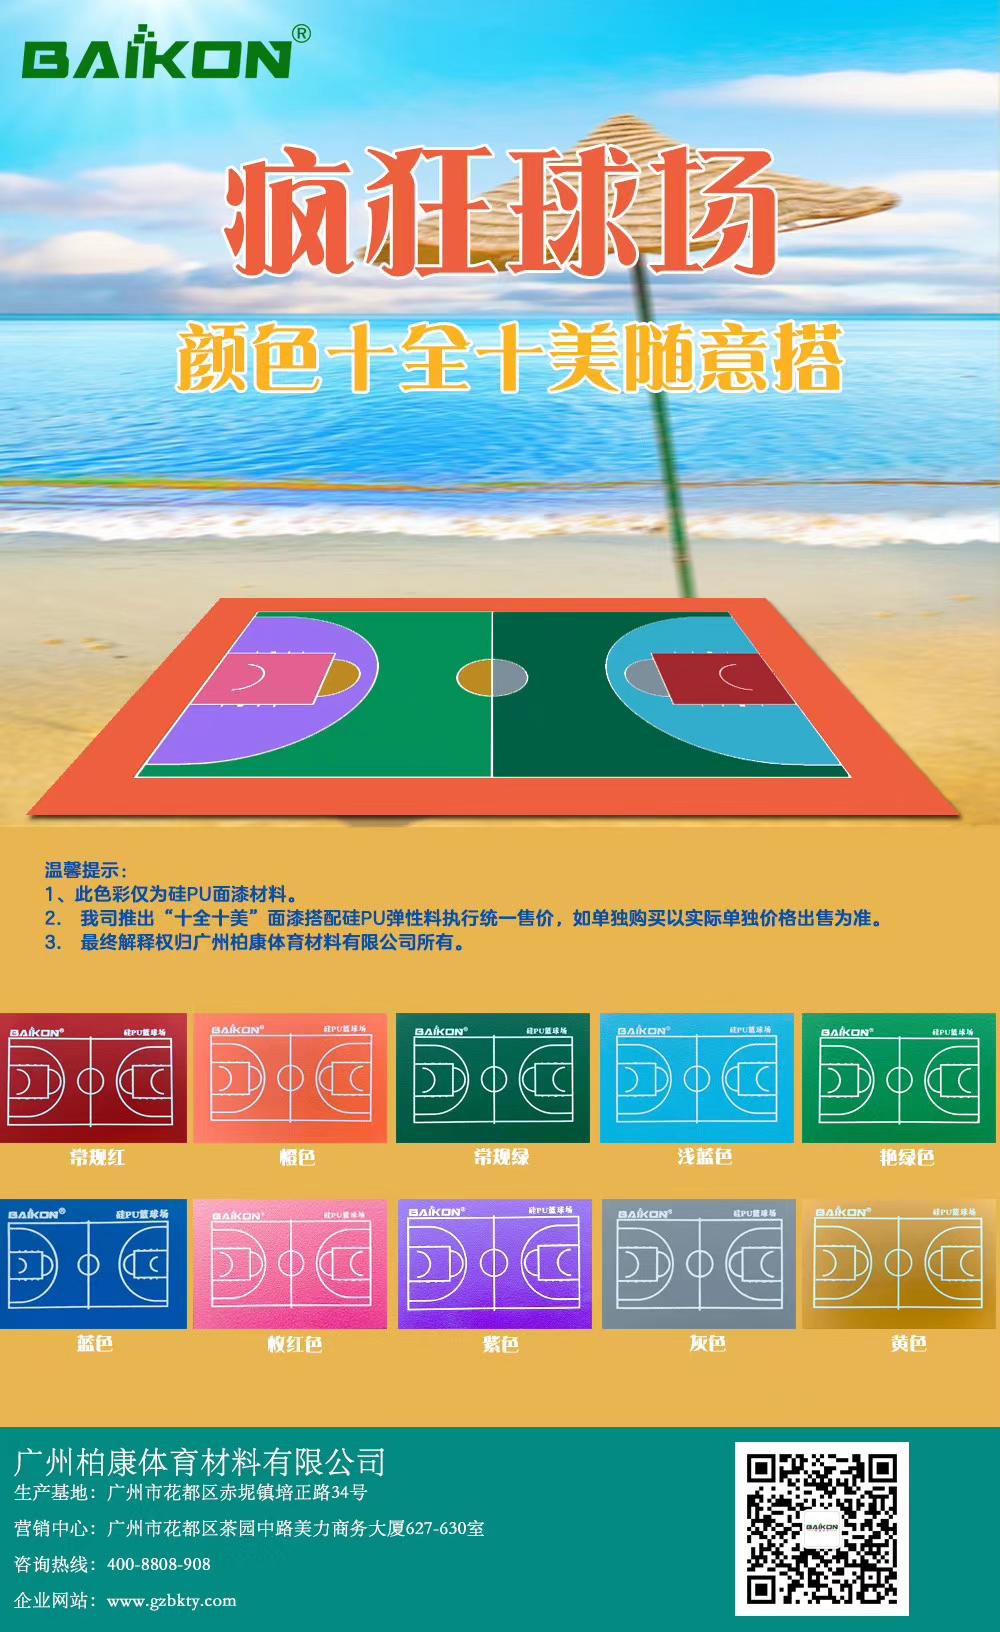 微信圖片_20200701142247.jpg